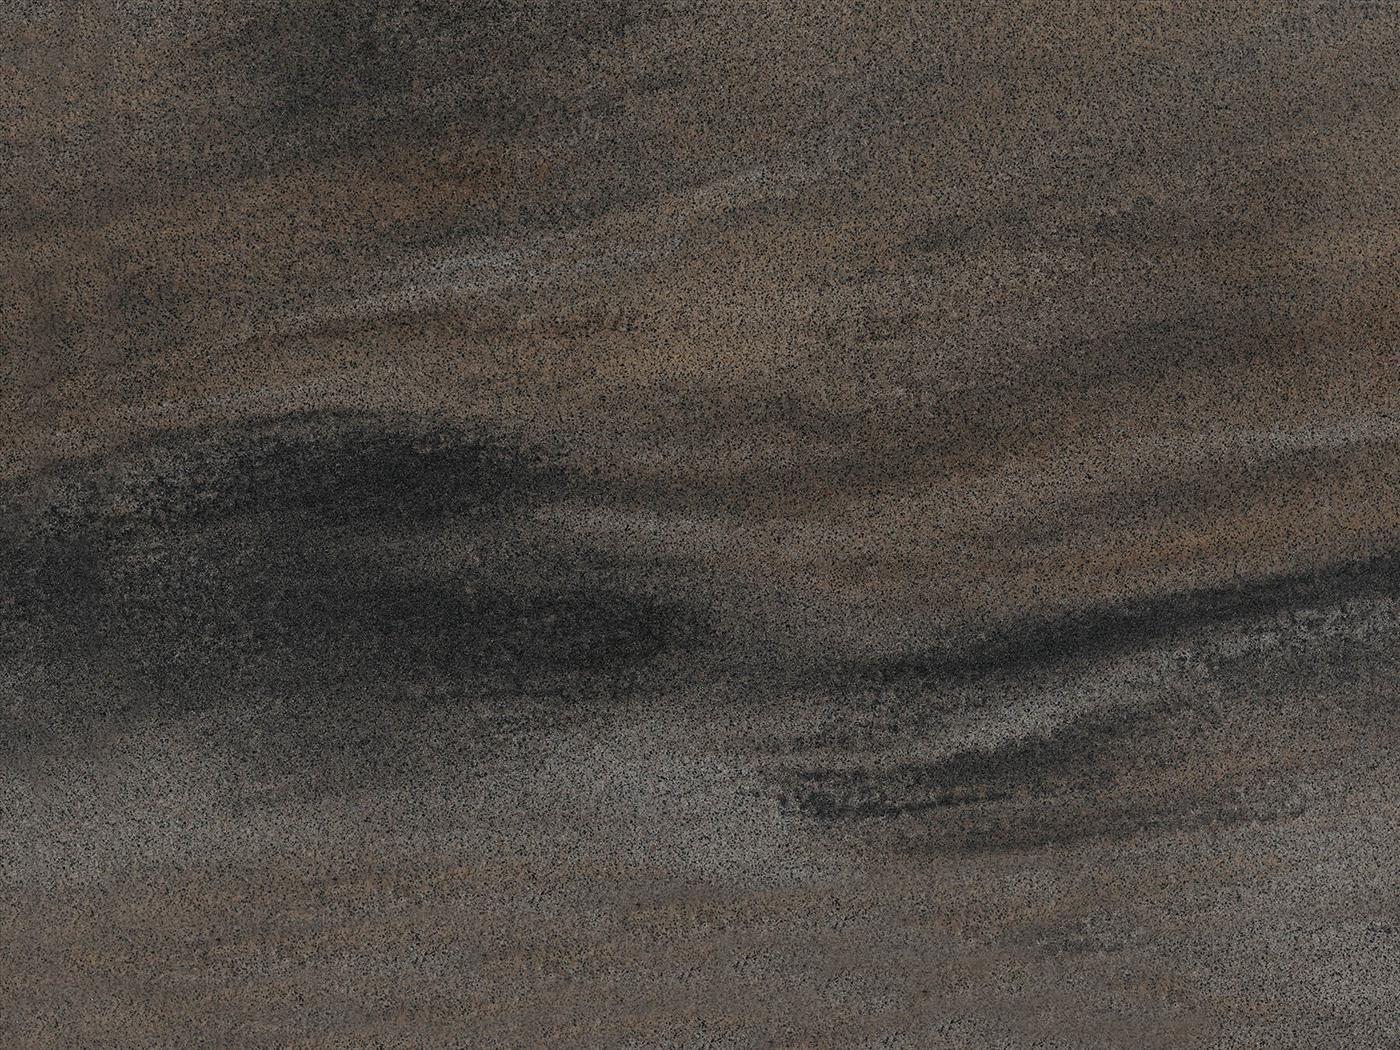 corian sorrel